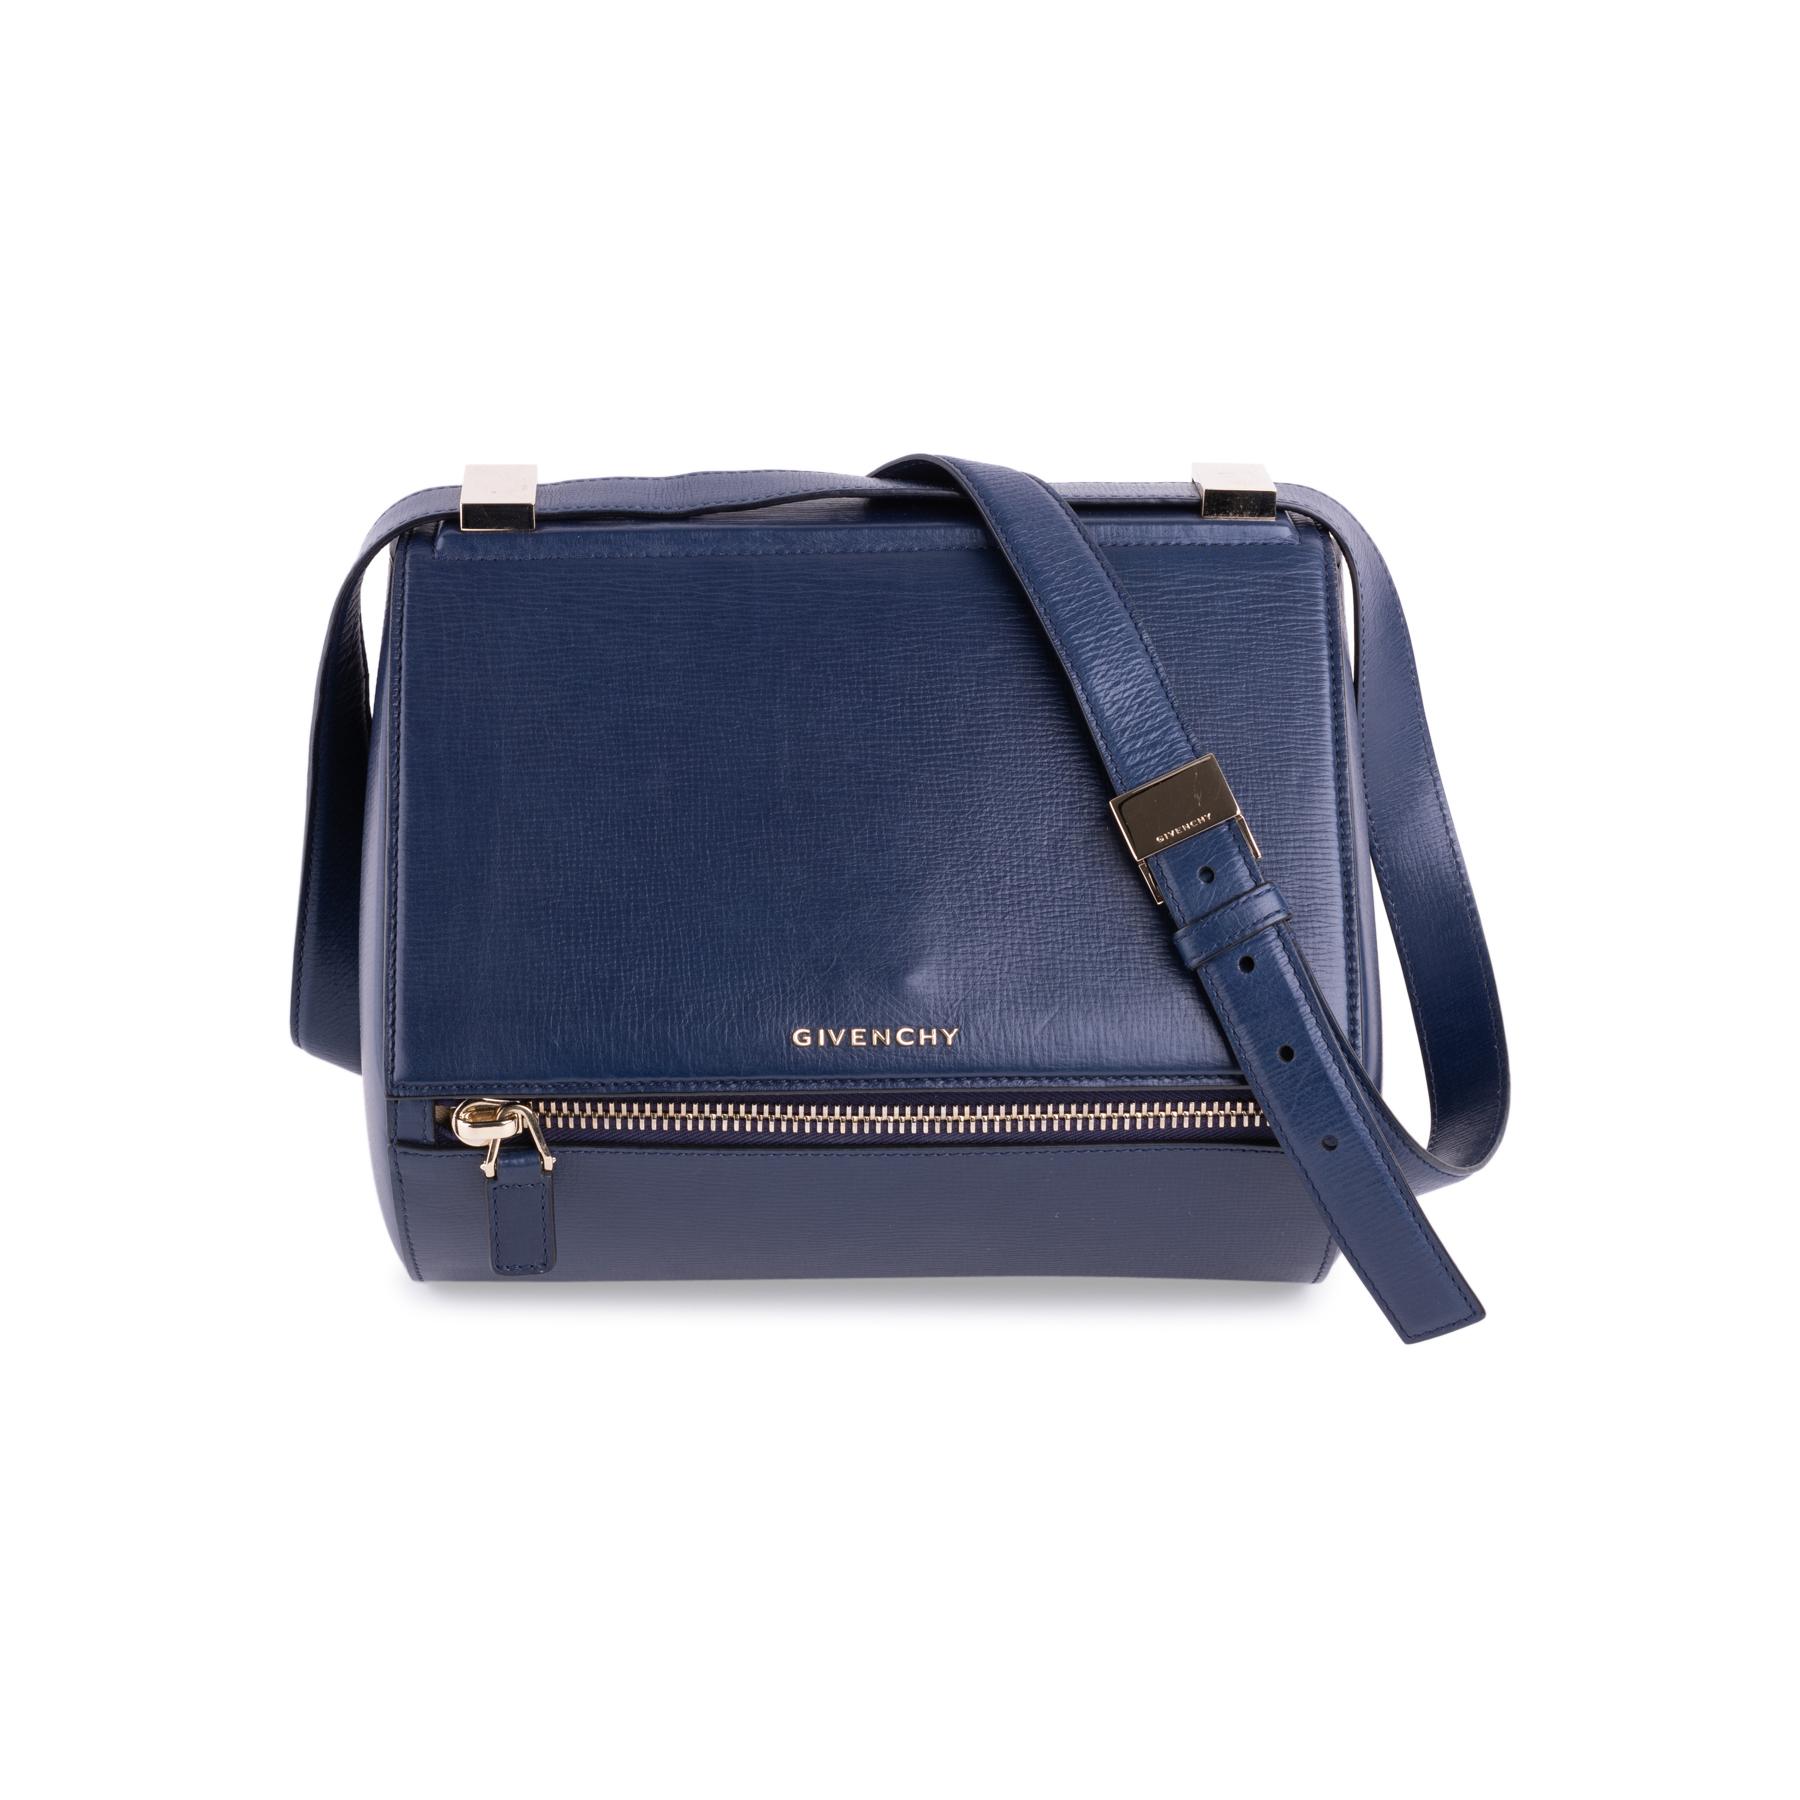 556a87da05f01 Authentic Second Hand Givenchy Pandora Box Medium Shoulder Bag  (PSS-615-00003)